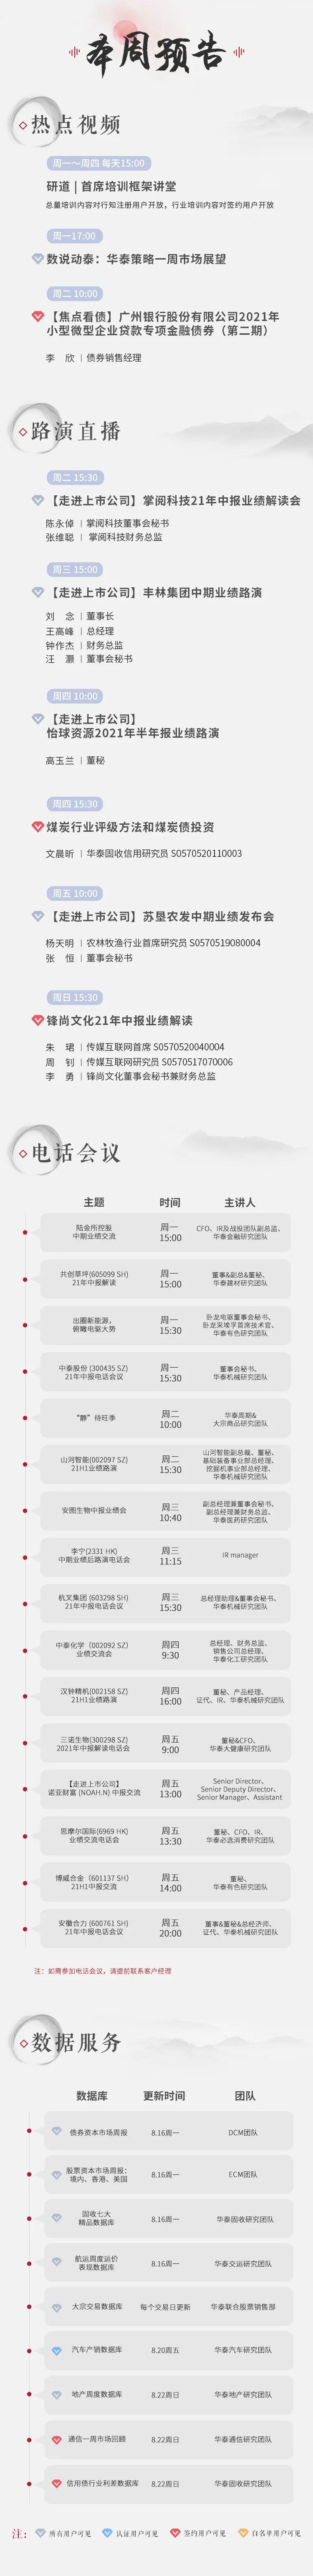 活动日历 | 华泰研究一周预告